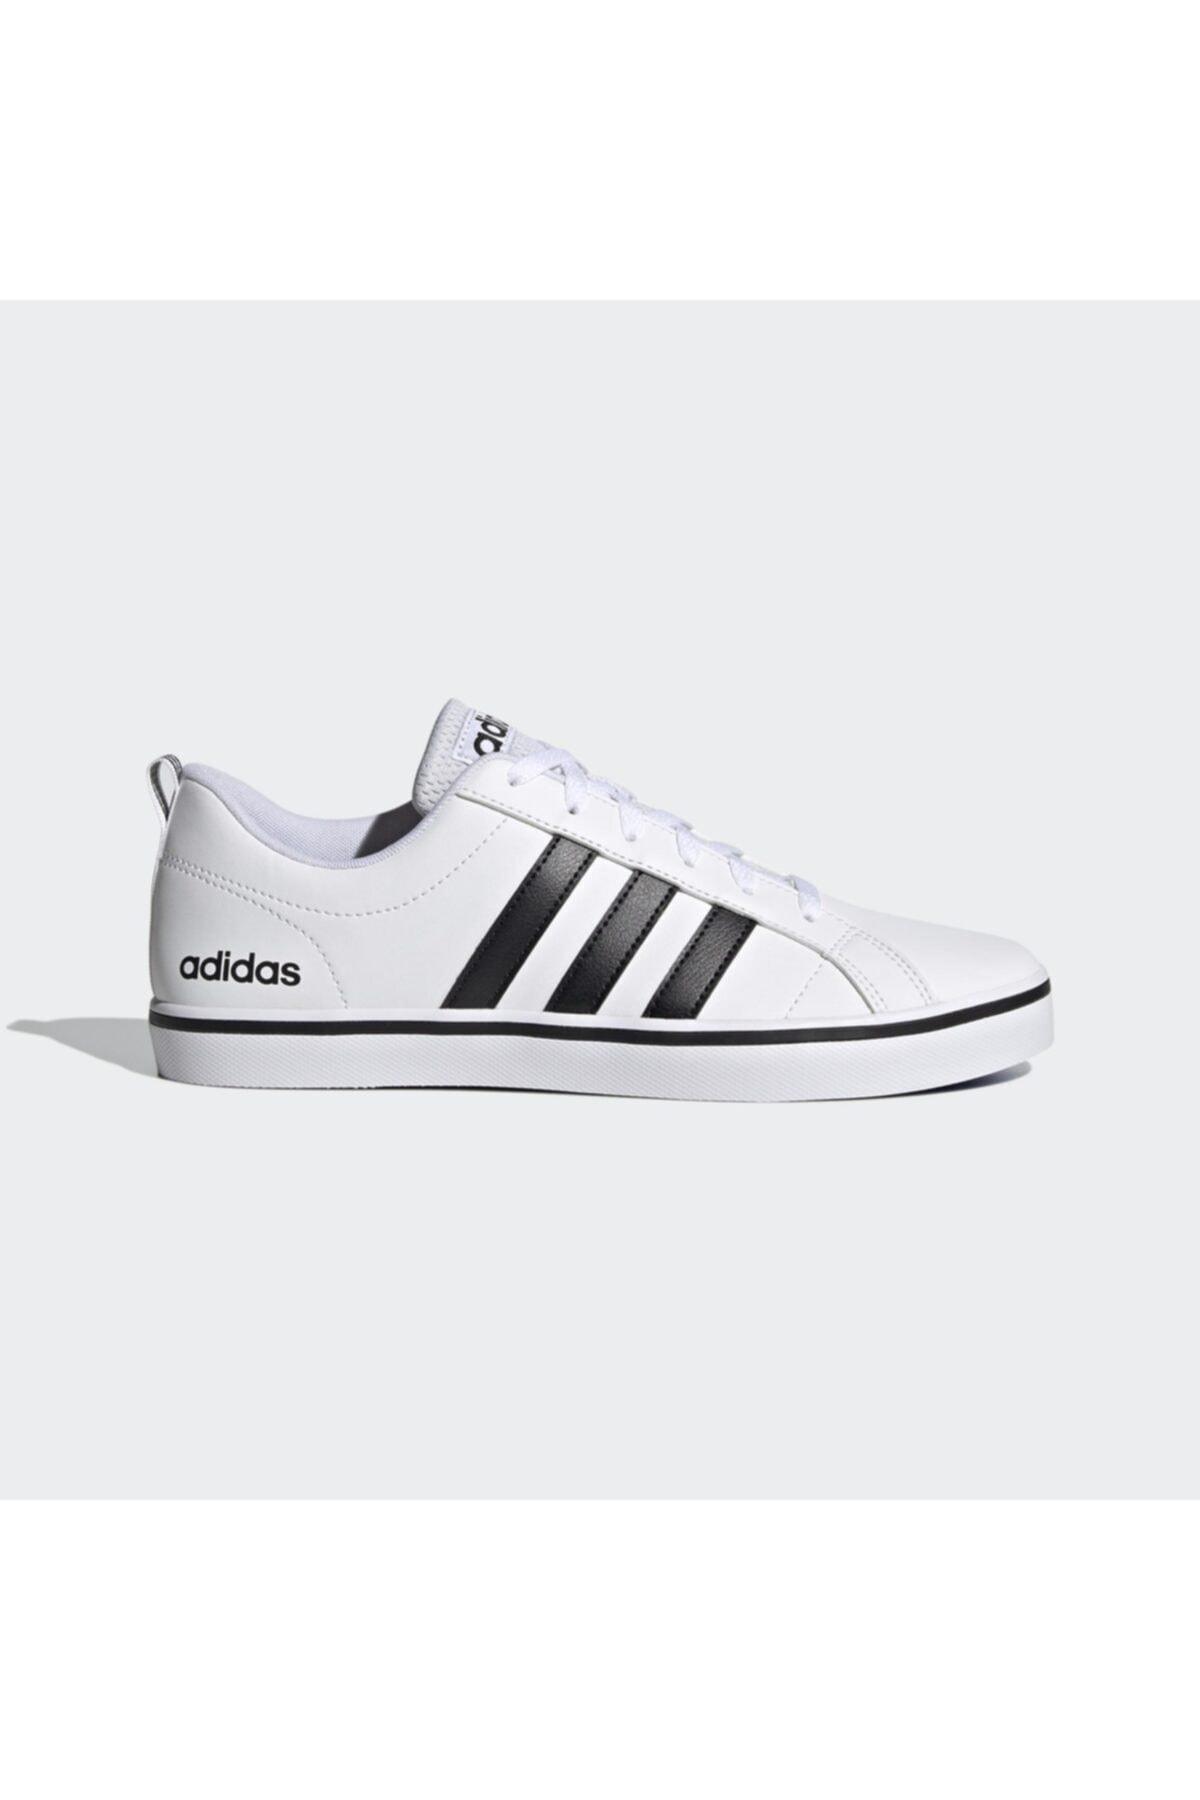 کفش مخصوص پیاده روی مردانه ارزان قیمت برند adidas کد ty88892552